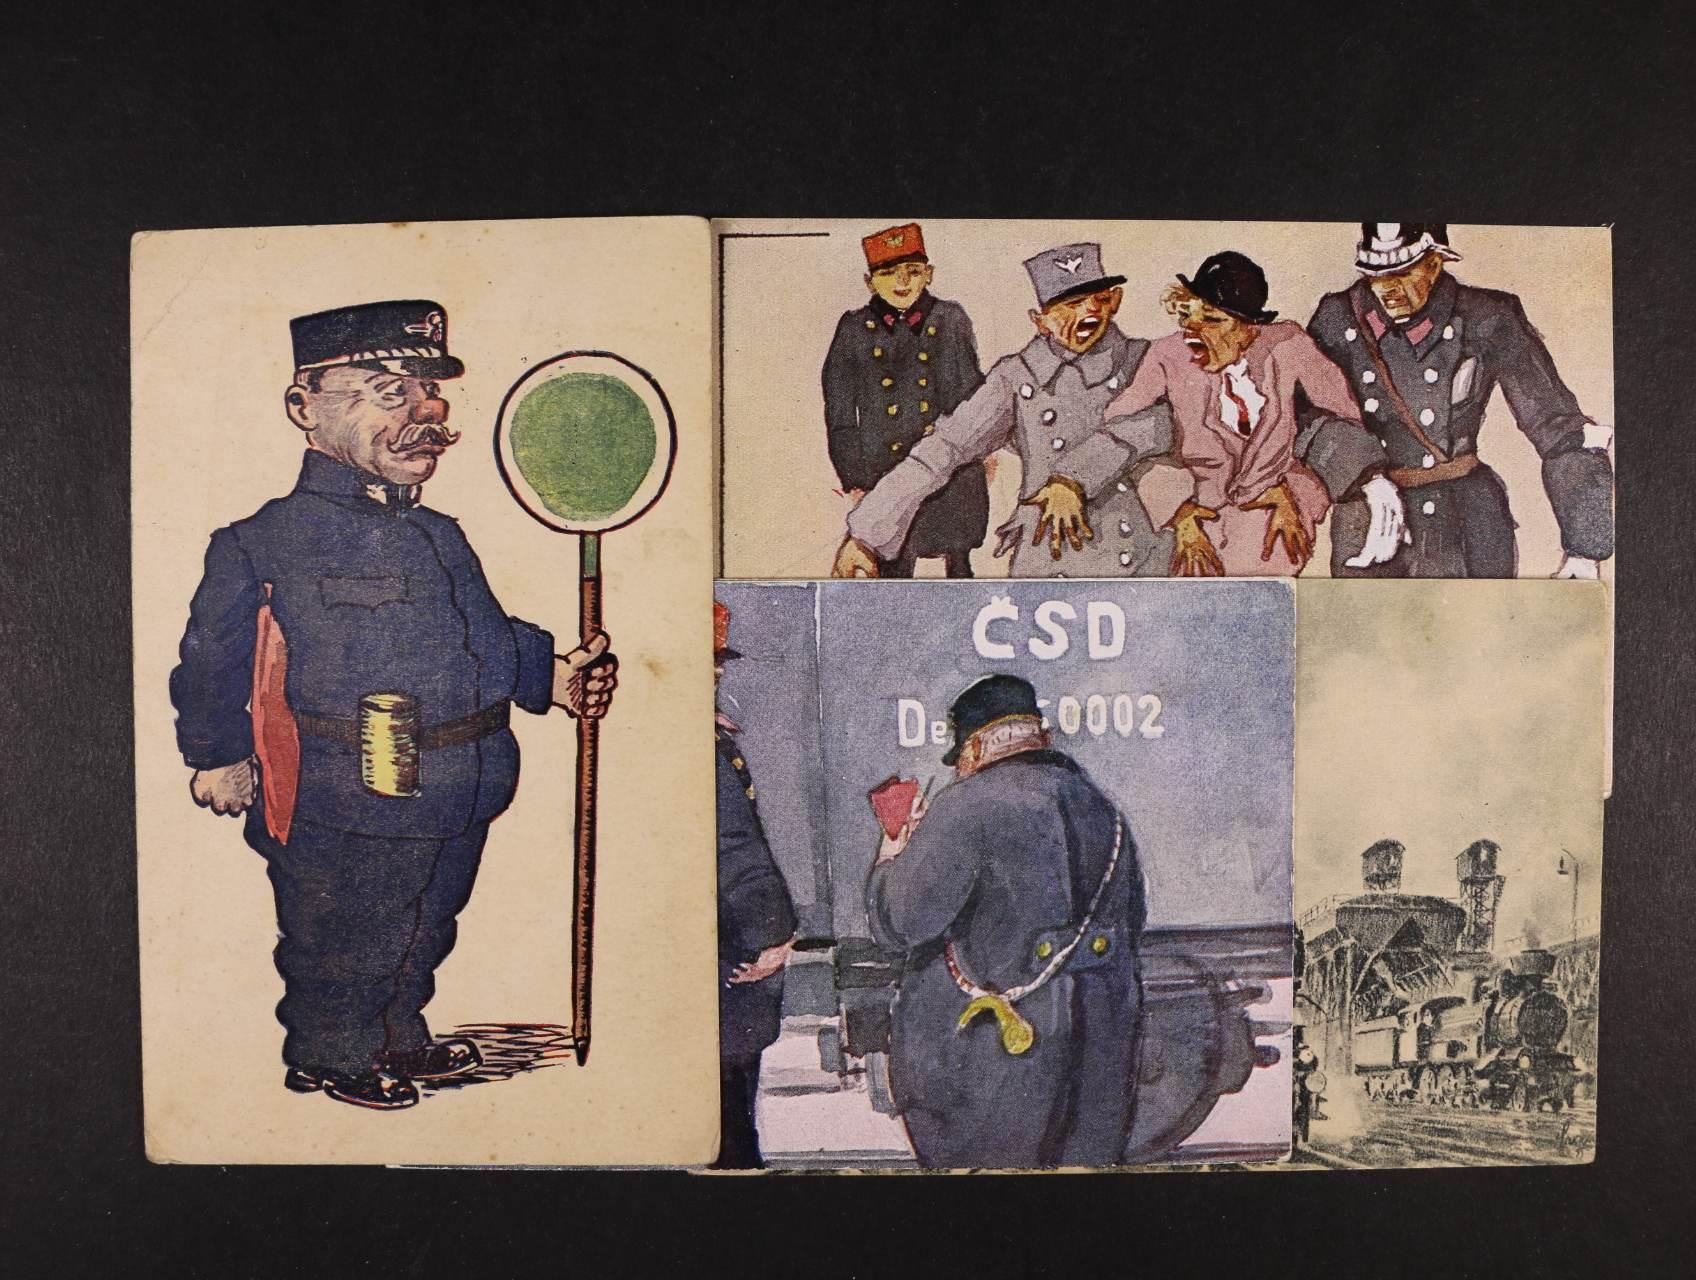 Železnice - sestava 25 ks jednobar. i bar. pohlednice s námětem vlaky, nepoužité